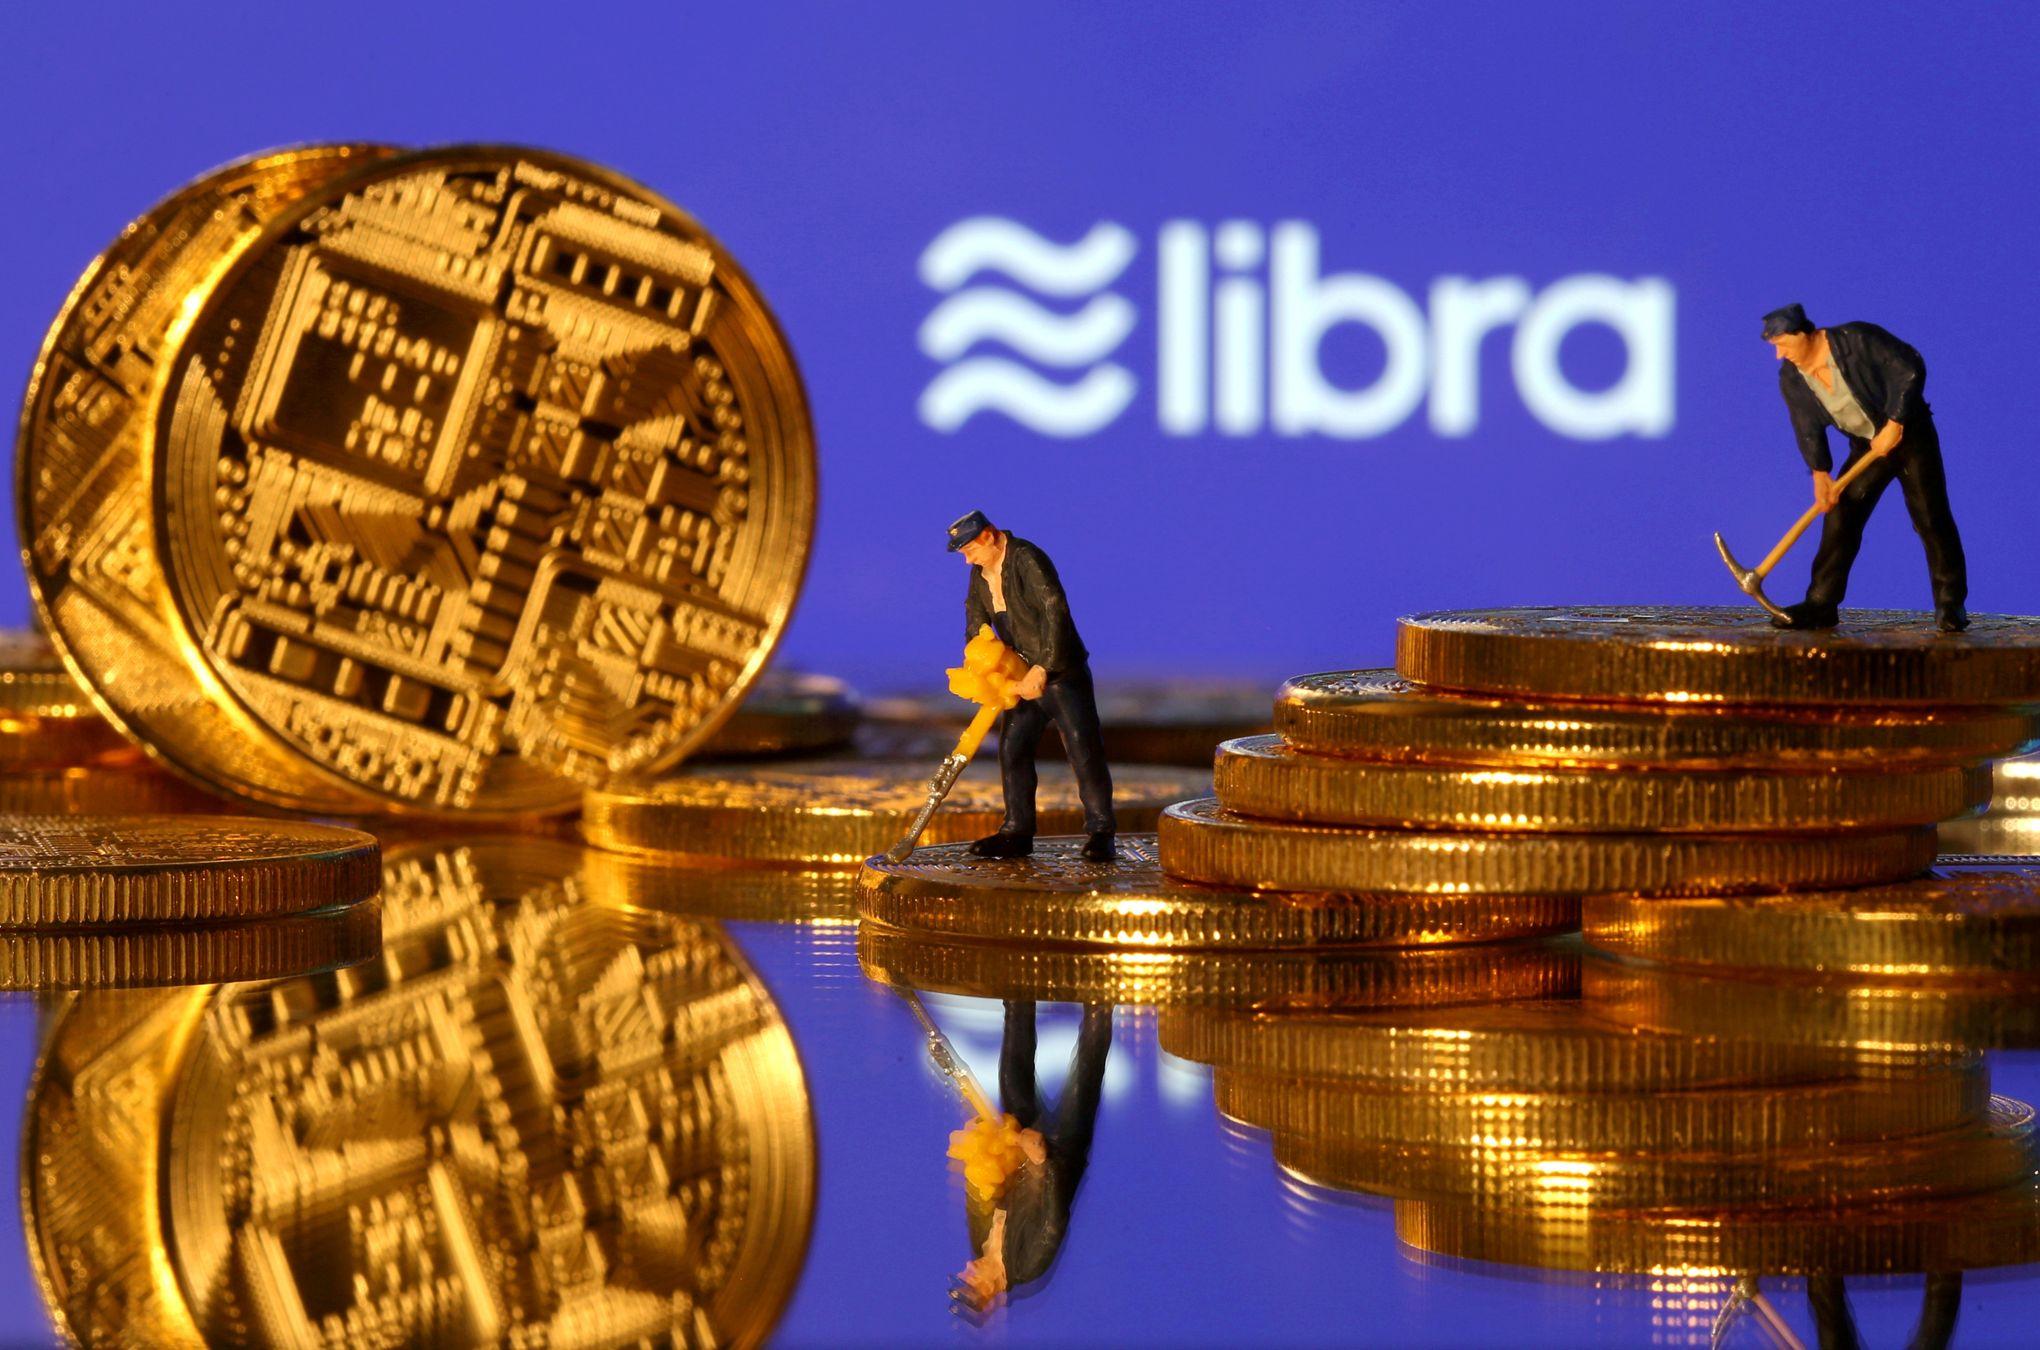 Tir de barrage à Washington contre la cryptomonnaie Libra